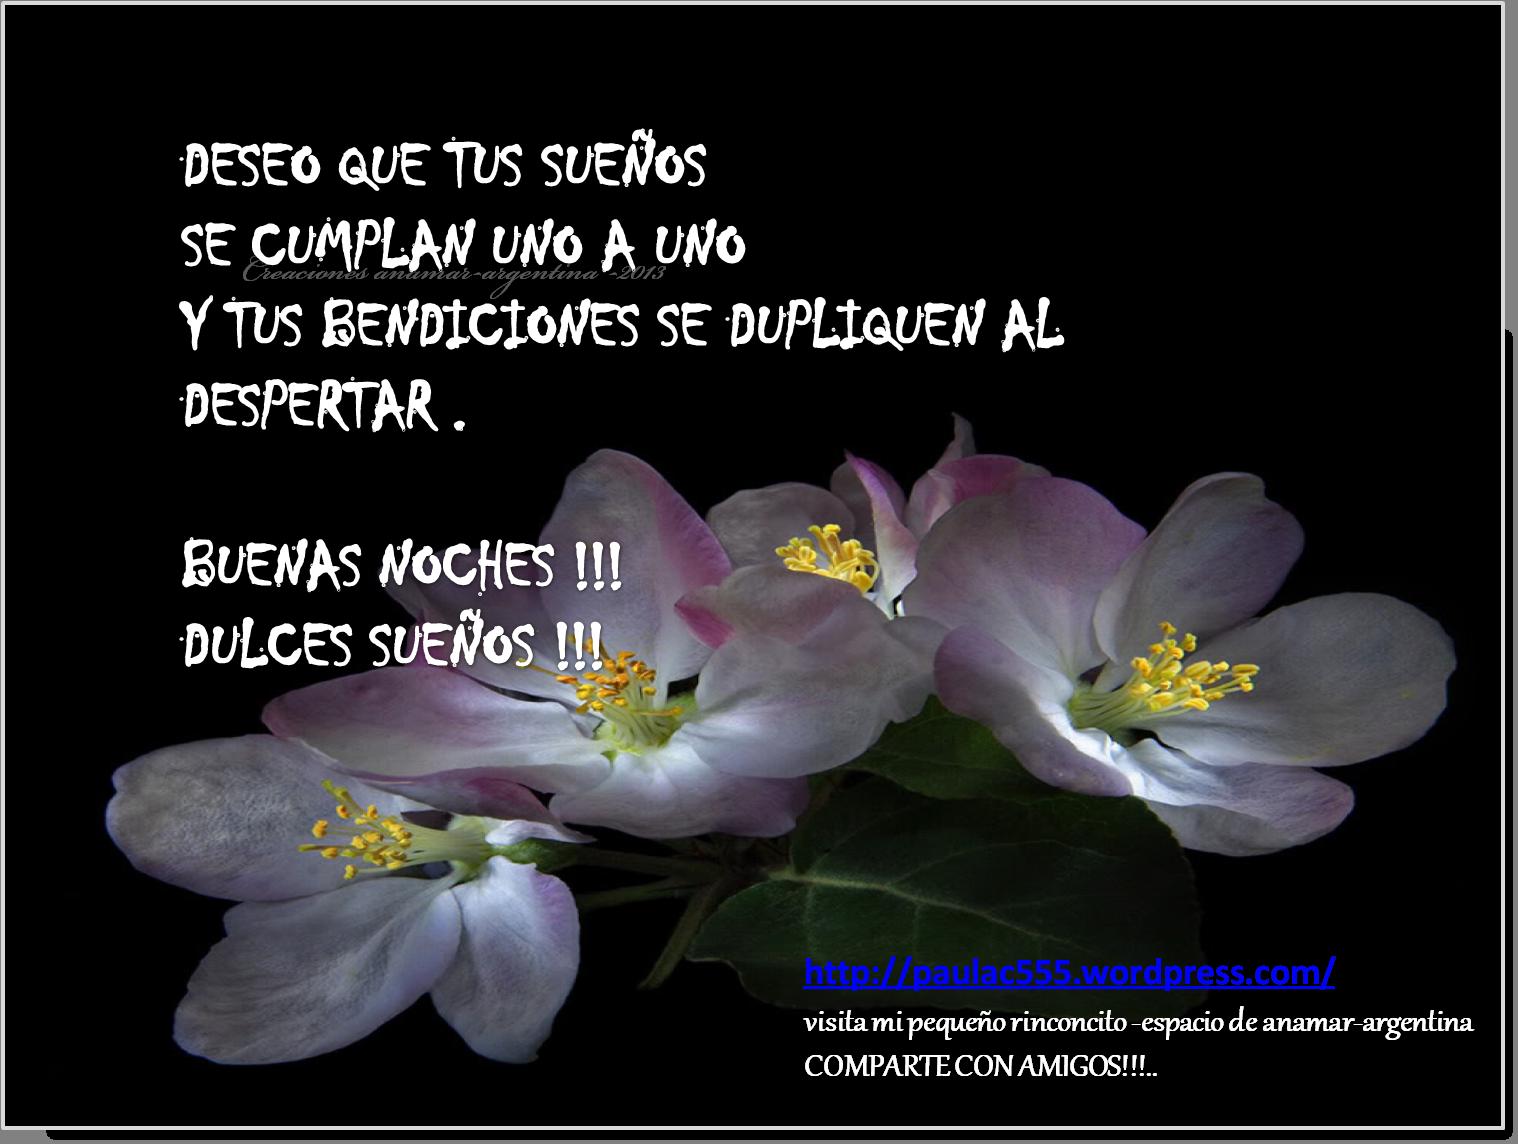 Imagenes De Buenas Noches Dulces Suenos newhairstylesformen2014.com